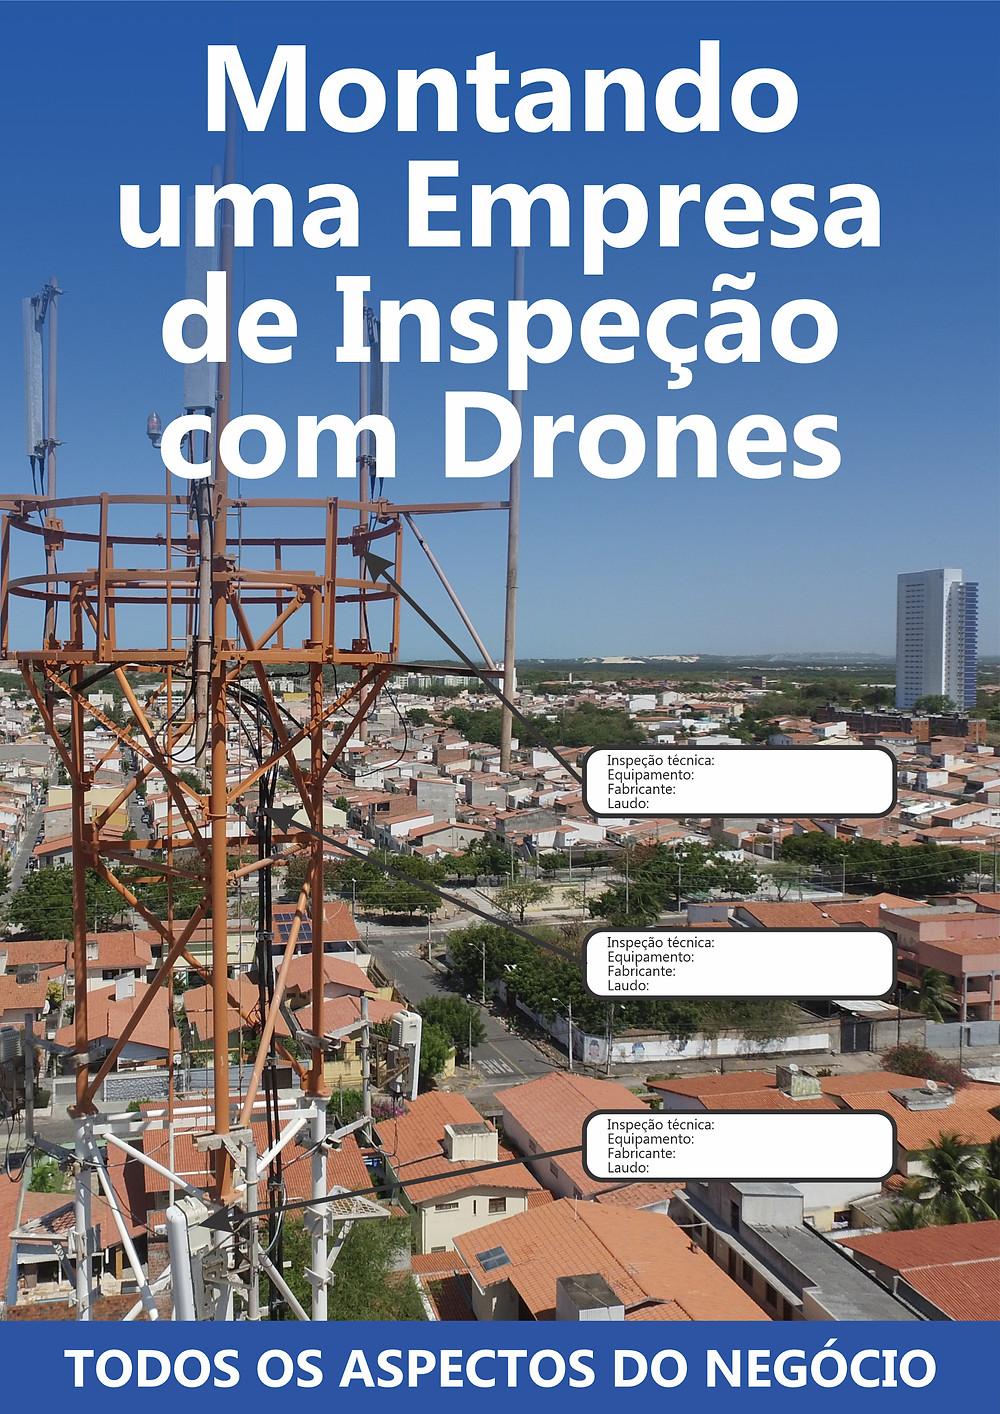 Montando uma Empresa de Inspeção com Drones